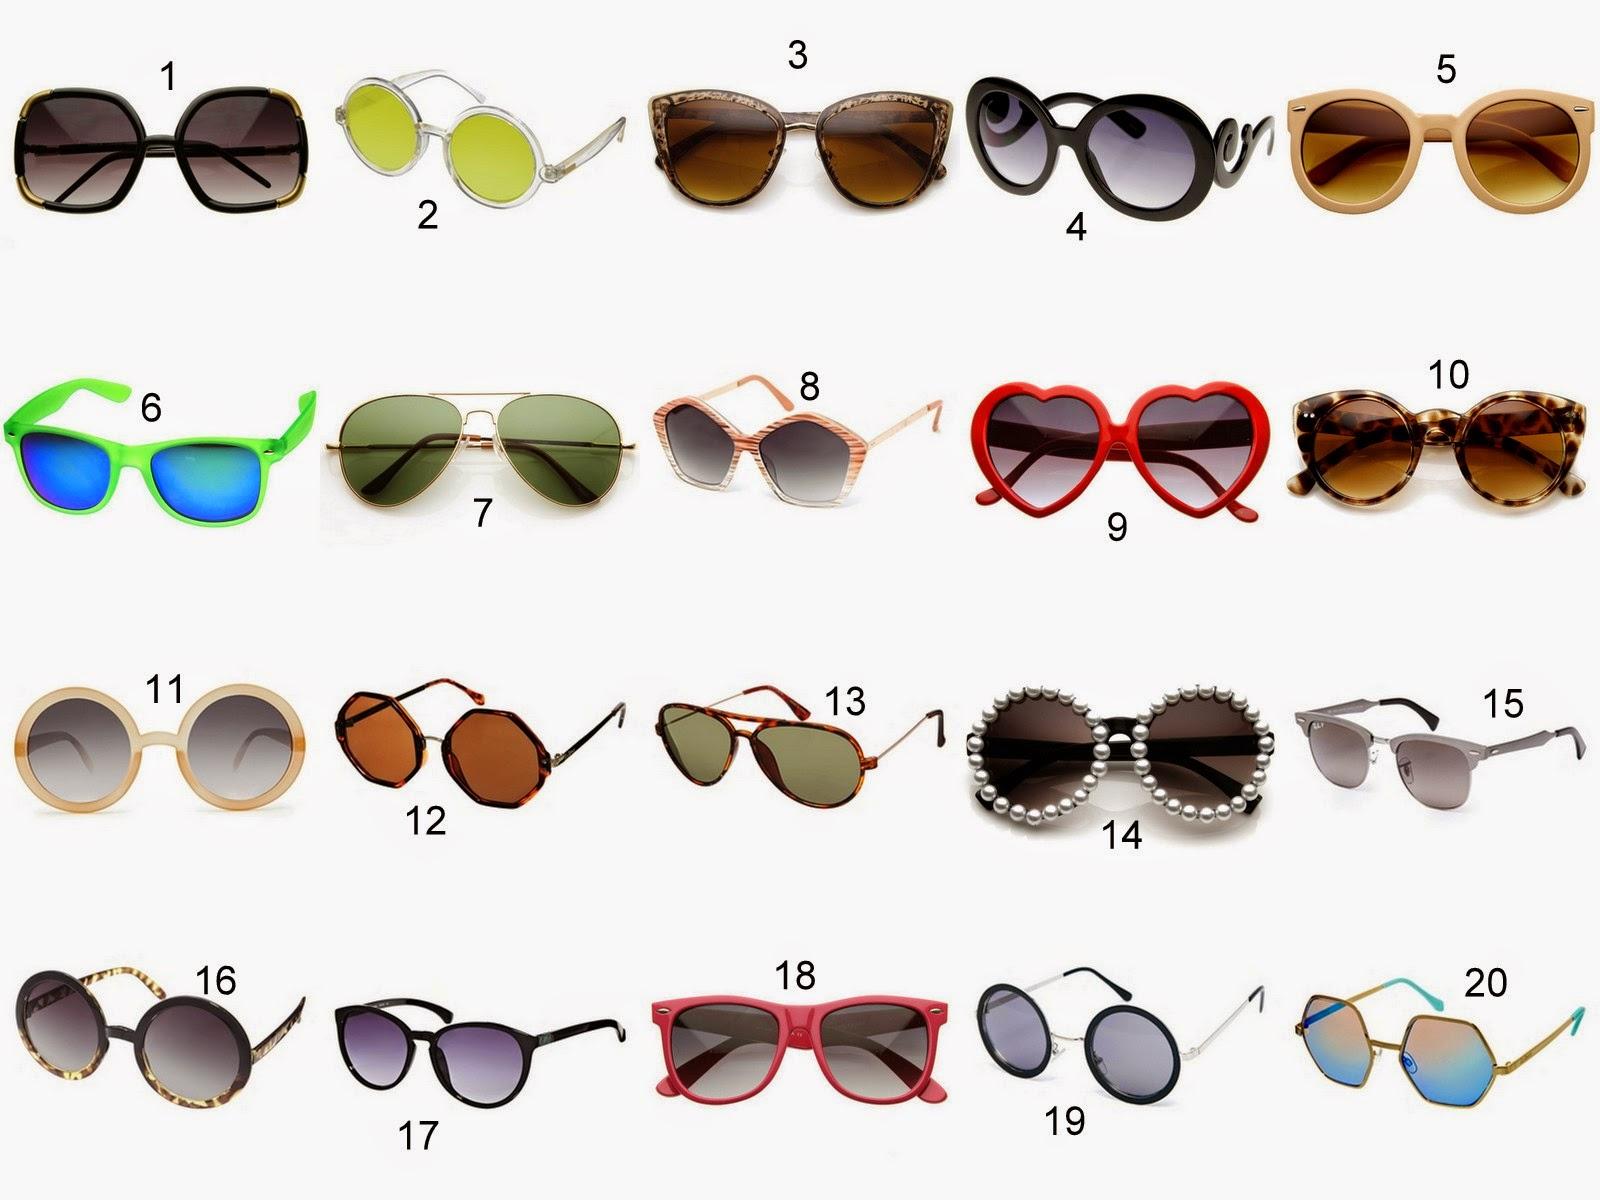 a7027f915 ZeroUV Celebrity Nicole Richie Oversize Square Fashion Sunglasses